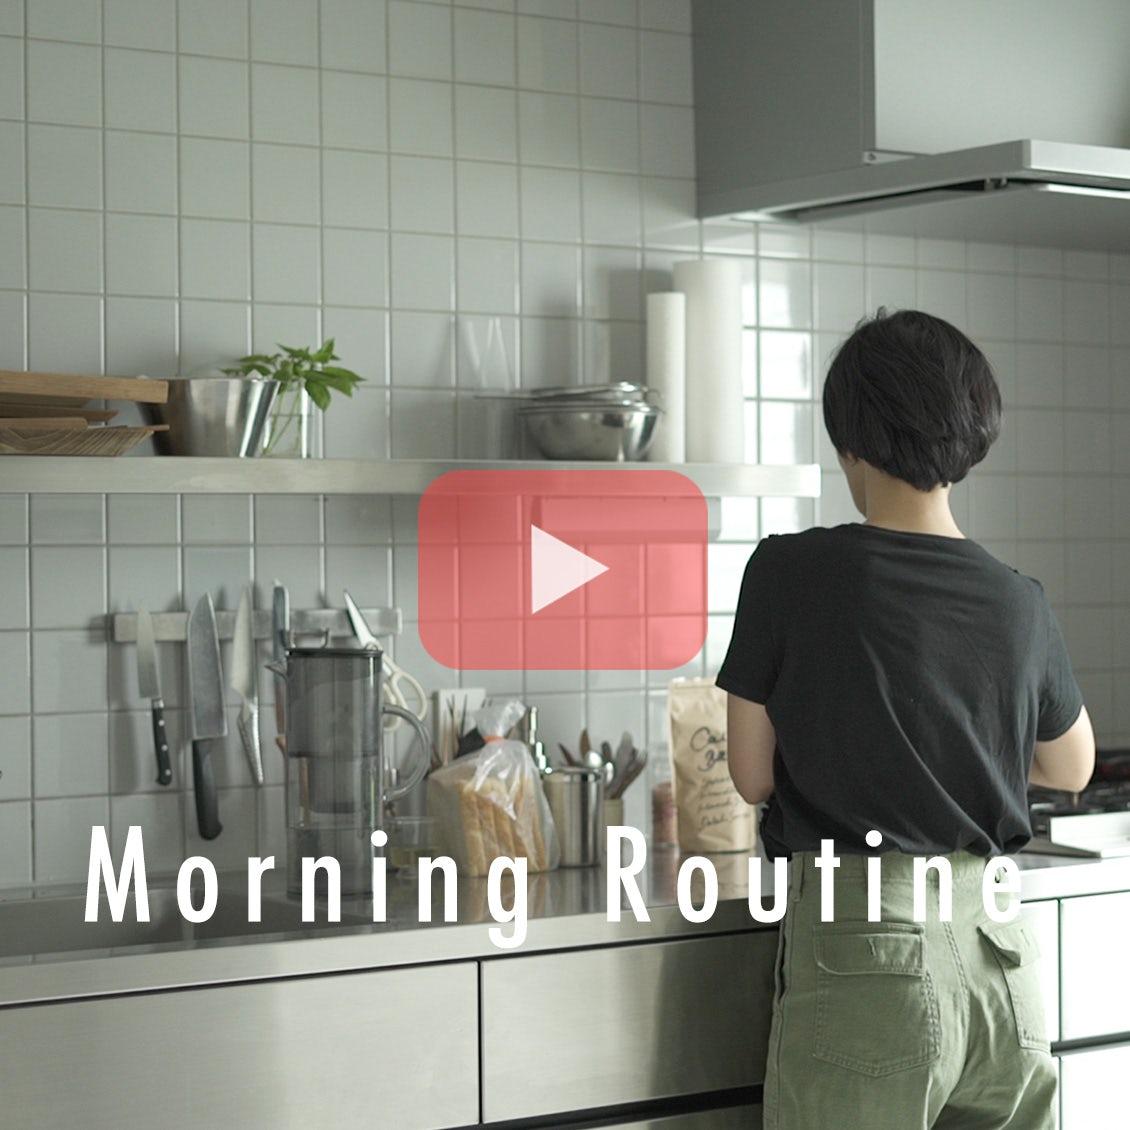 【わたしの朝習慣】はじまりは浴室掃除から。働く母の、すっきり暮らすための朝習慣